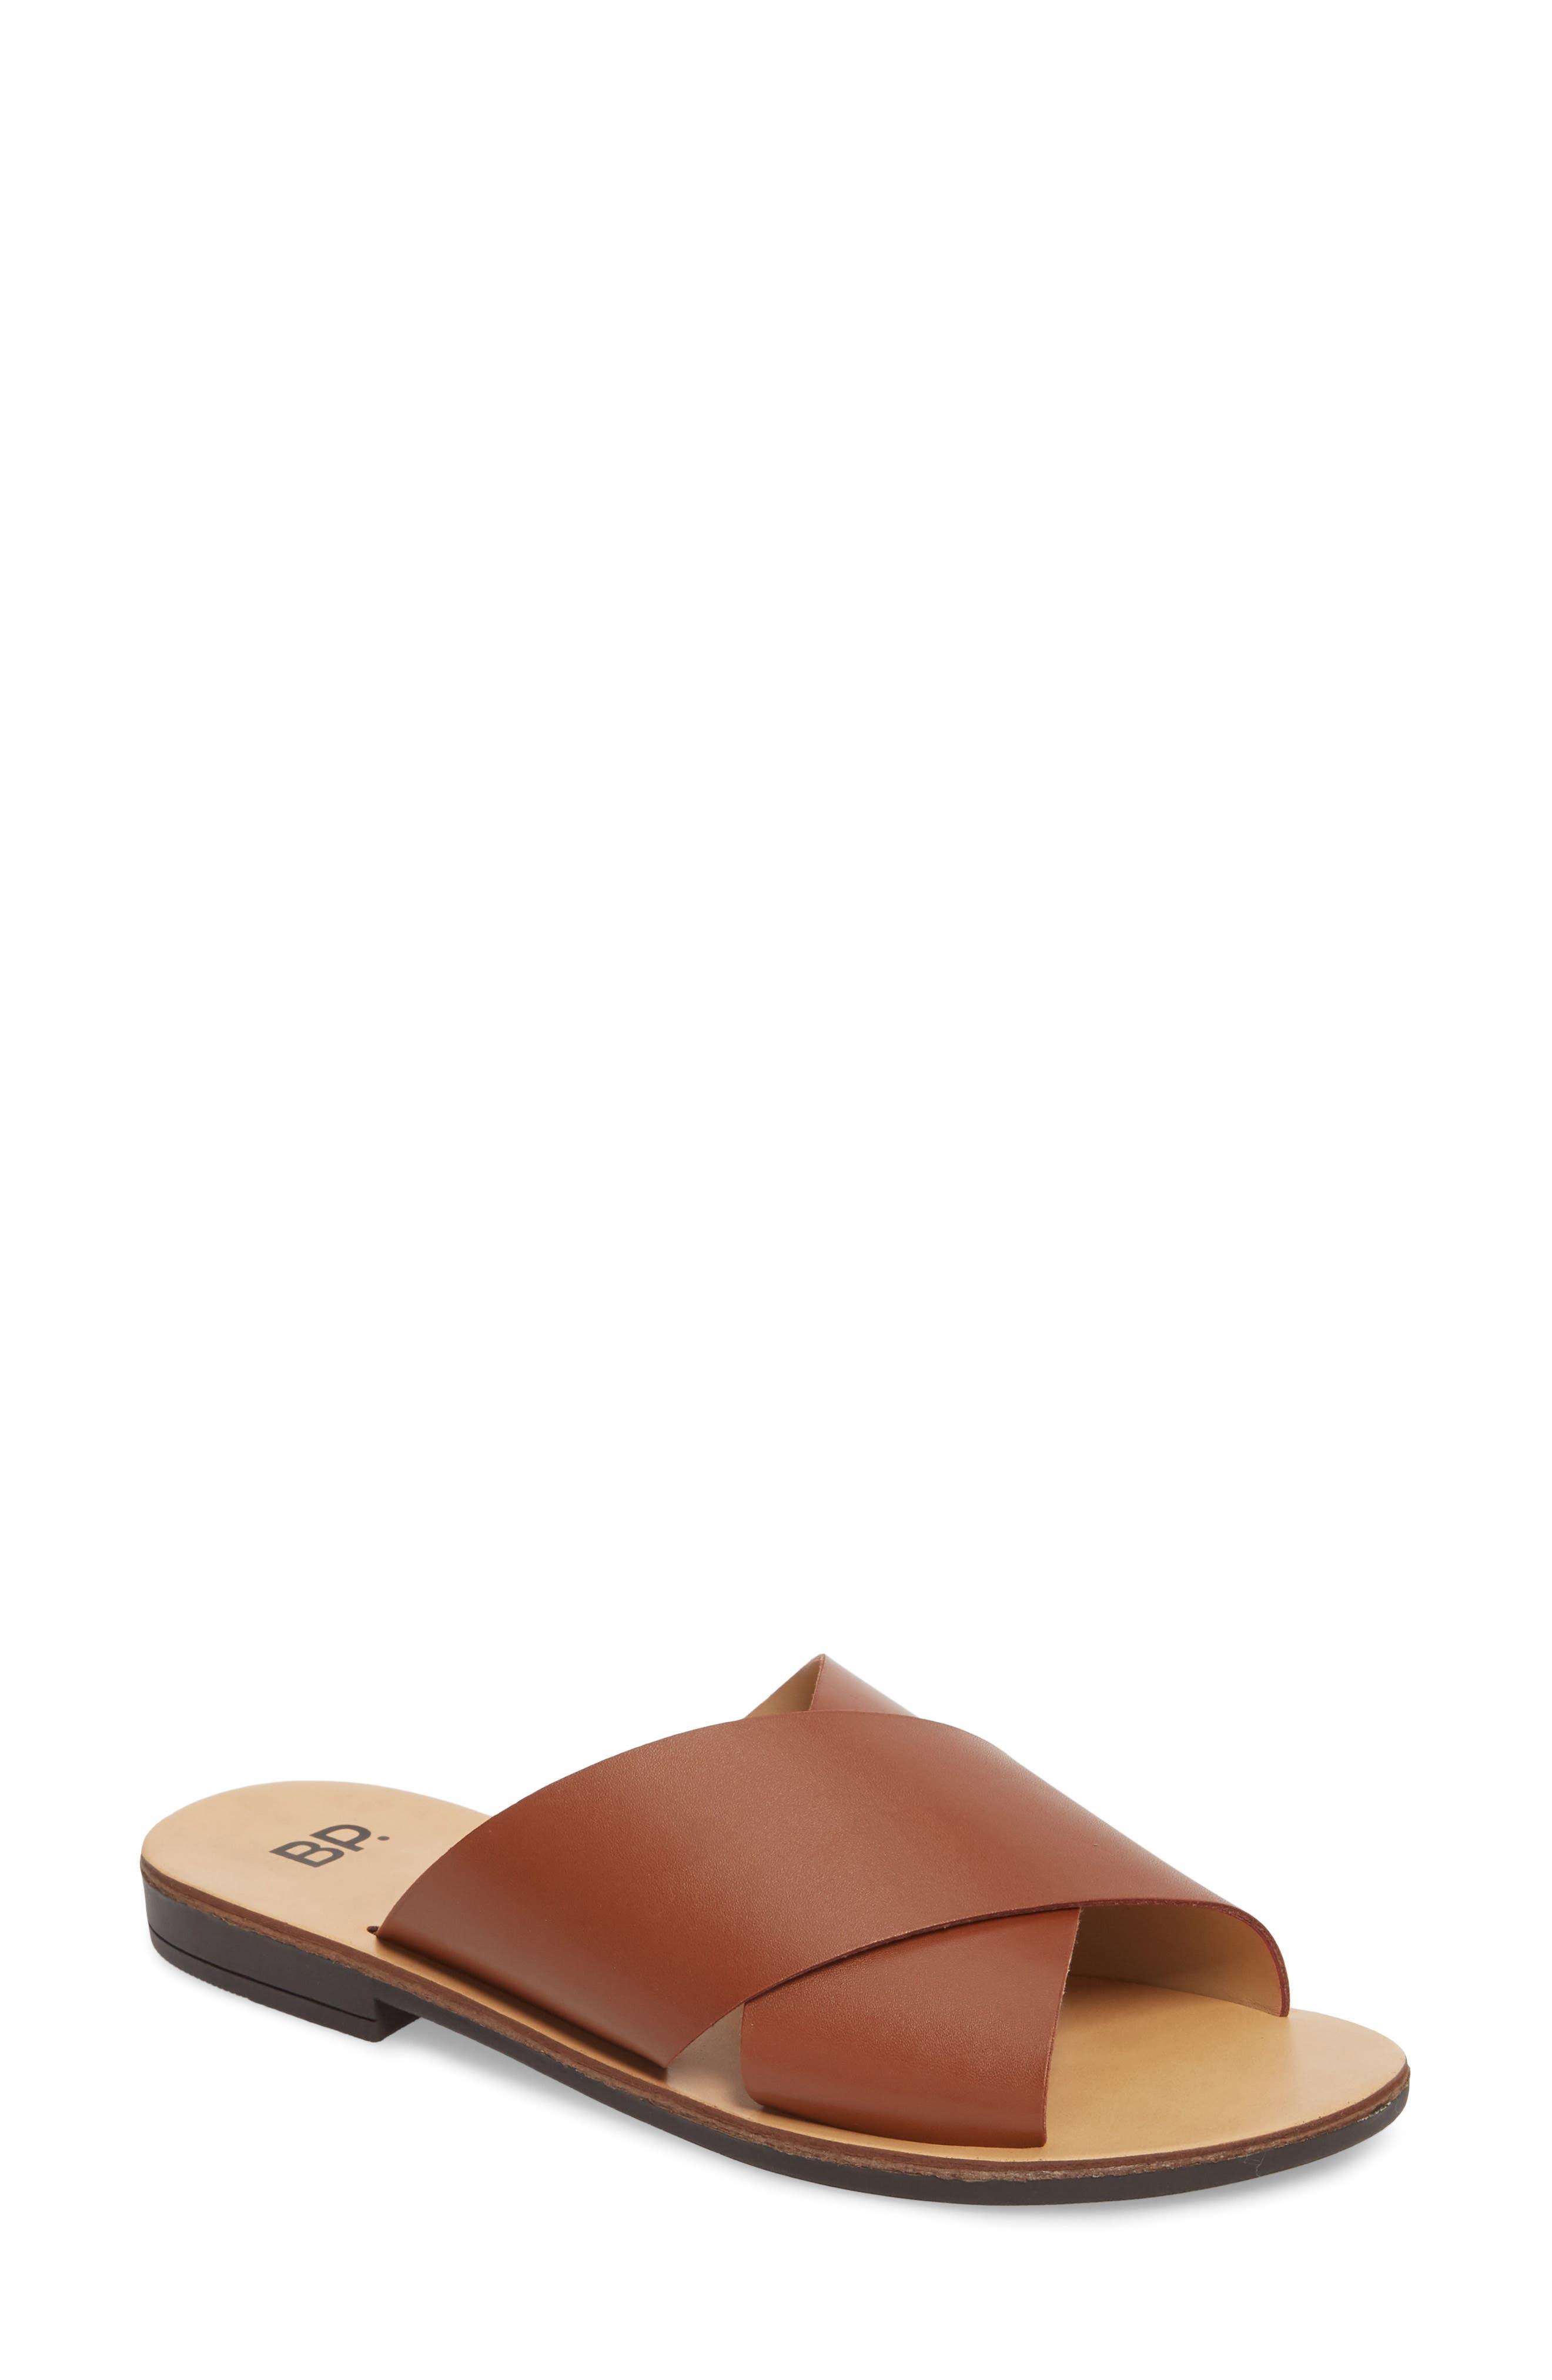 Twist Cross Strap Sandal,                             Main thumbnail 1, color,                             Cognac Faux Leather